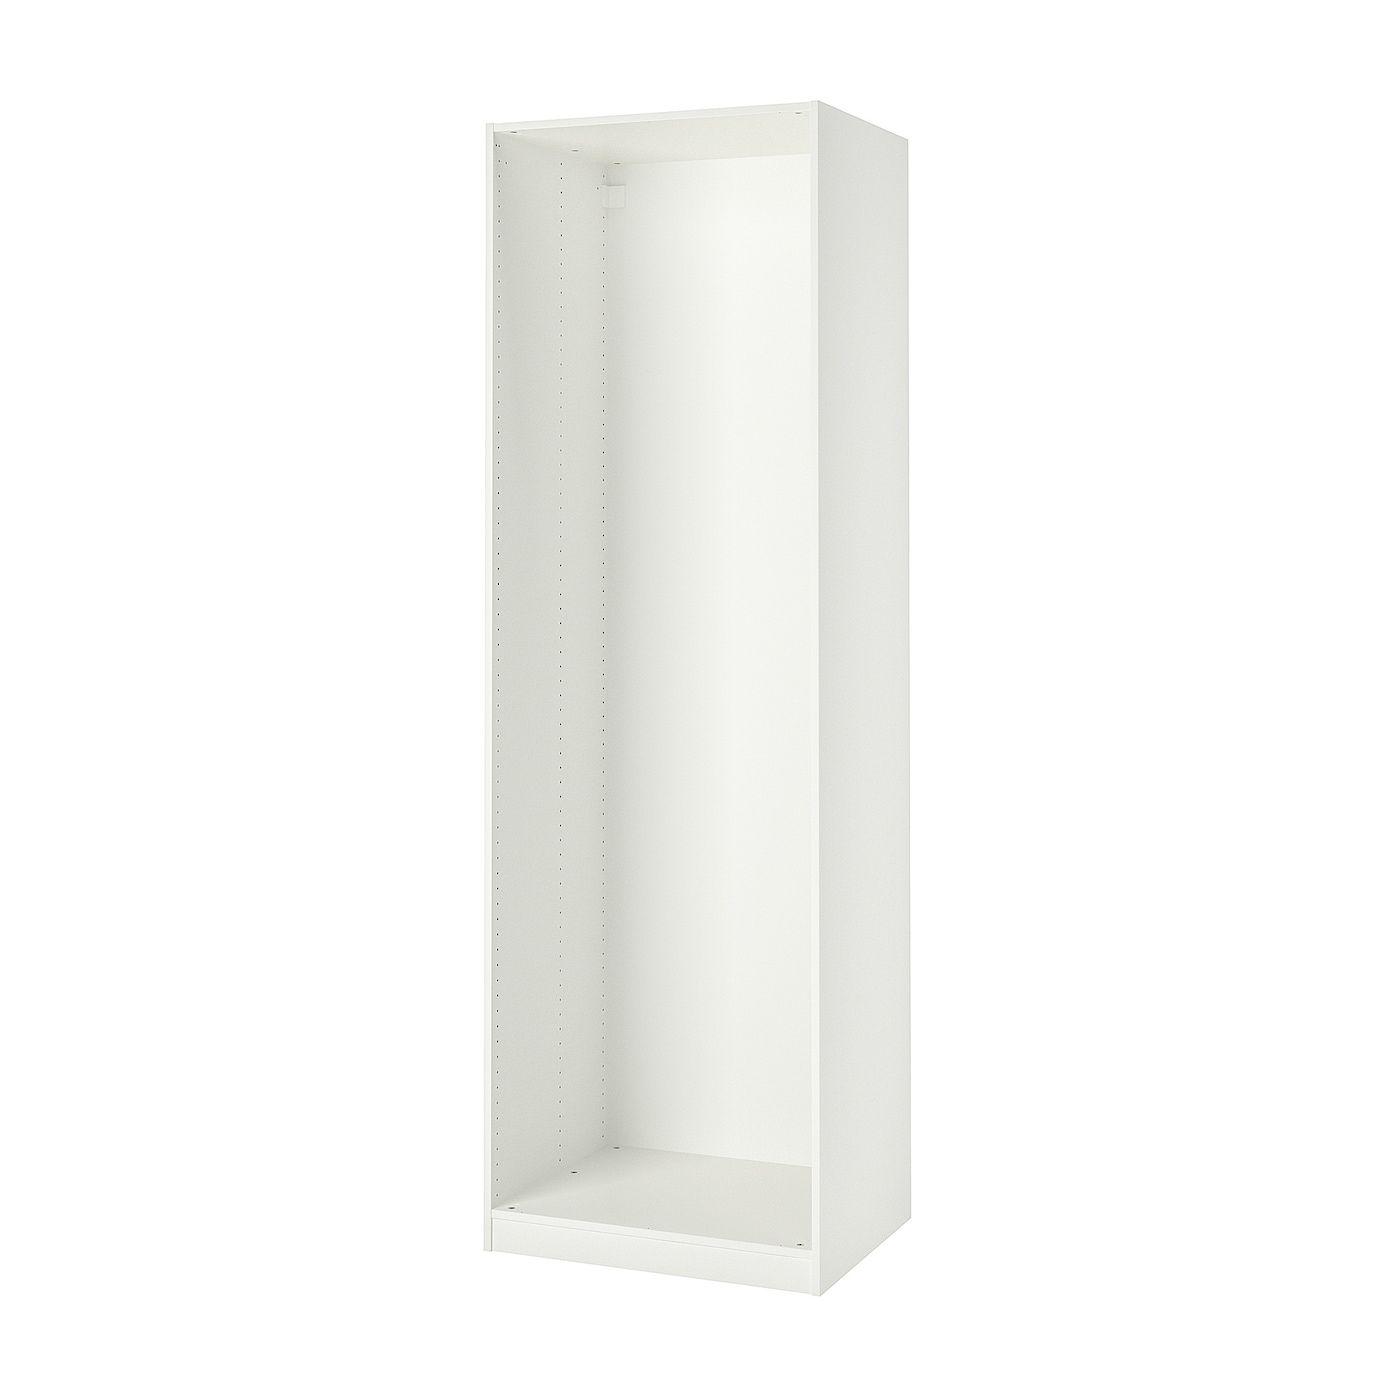 PAX Korpus Kleiderschrank weiß IKEA Schweiz Pax